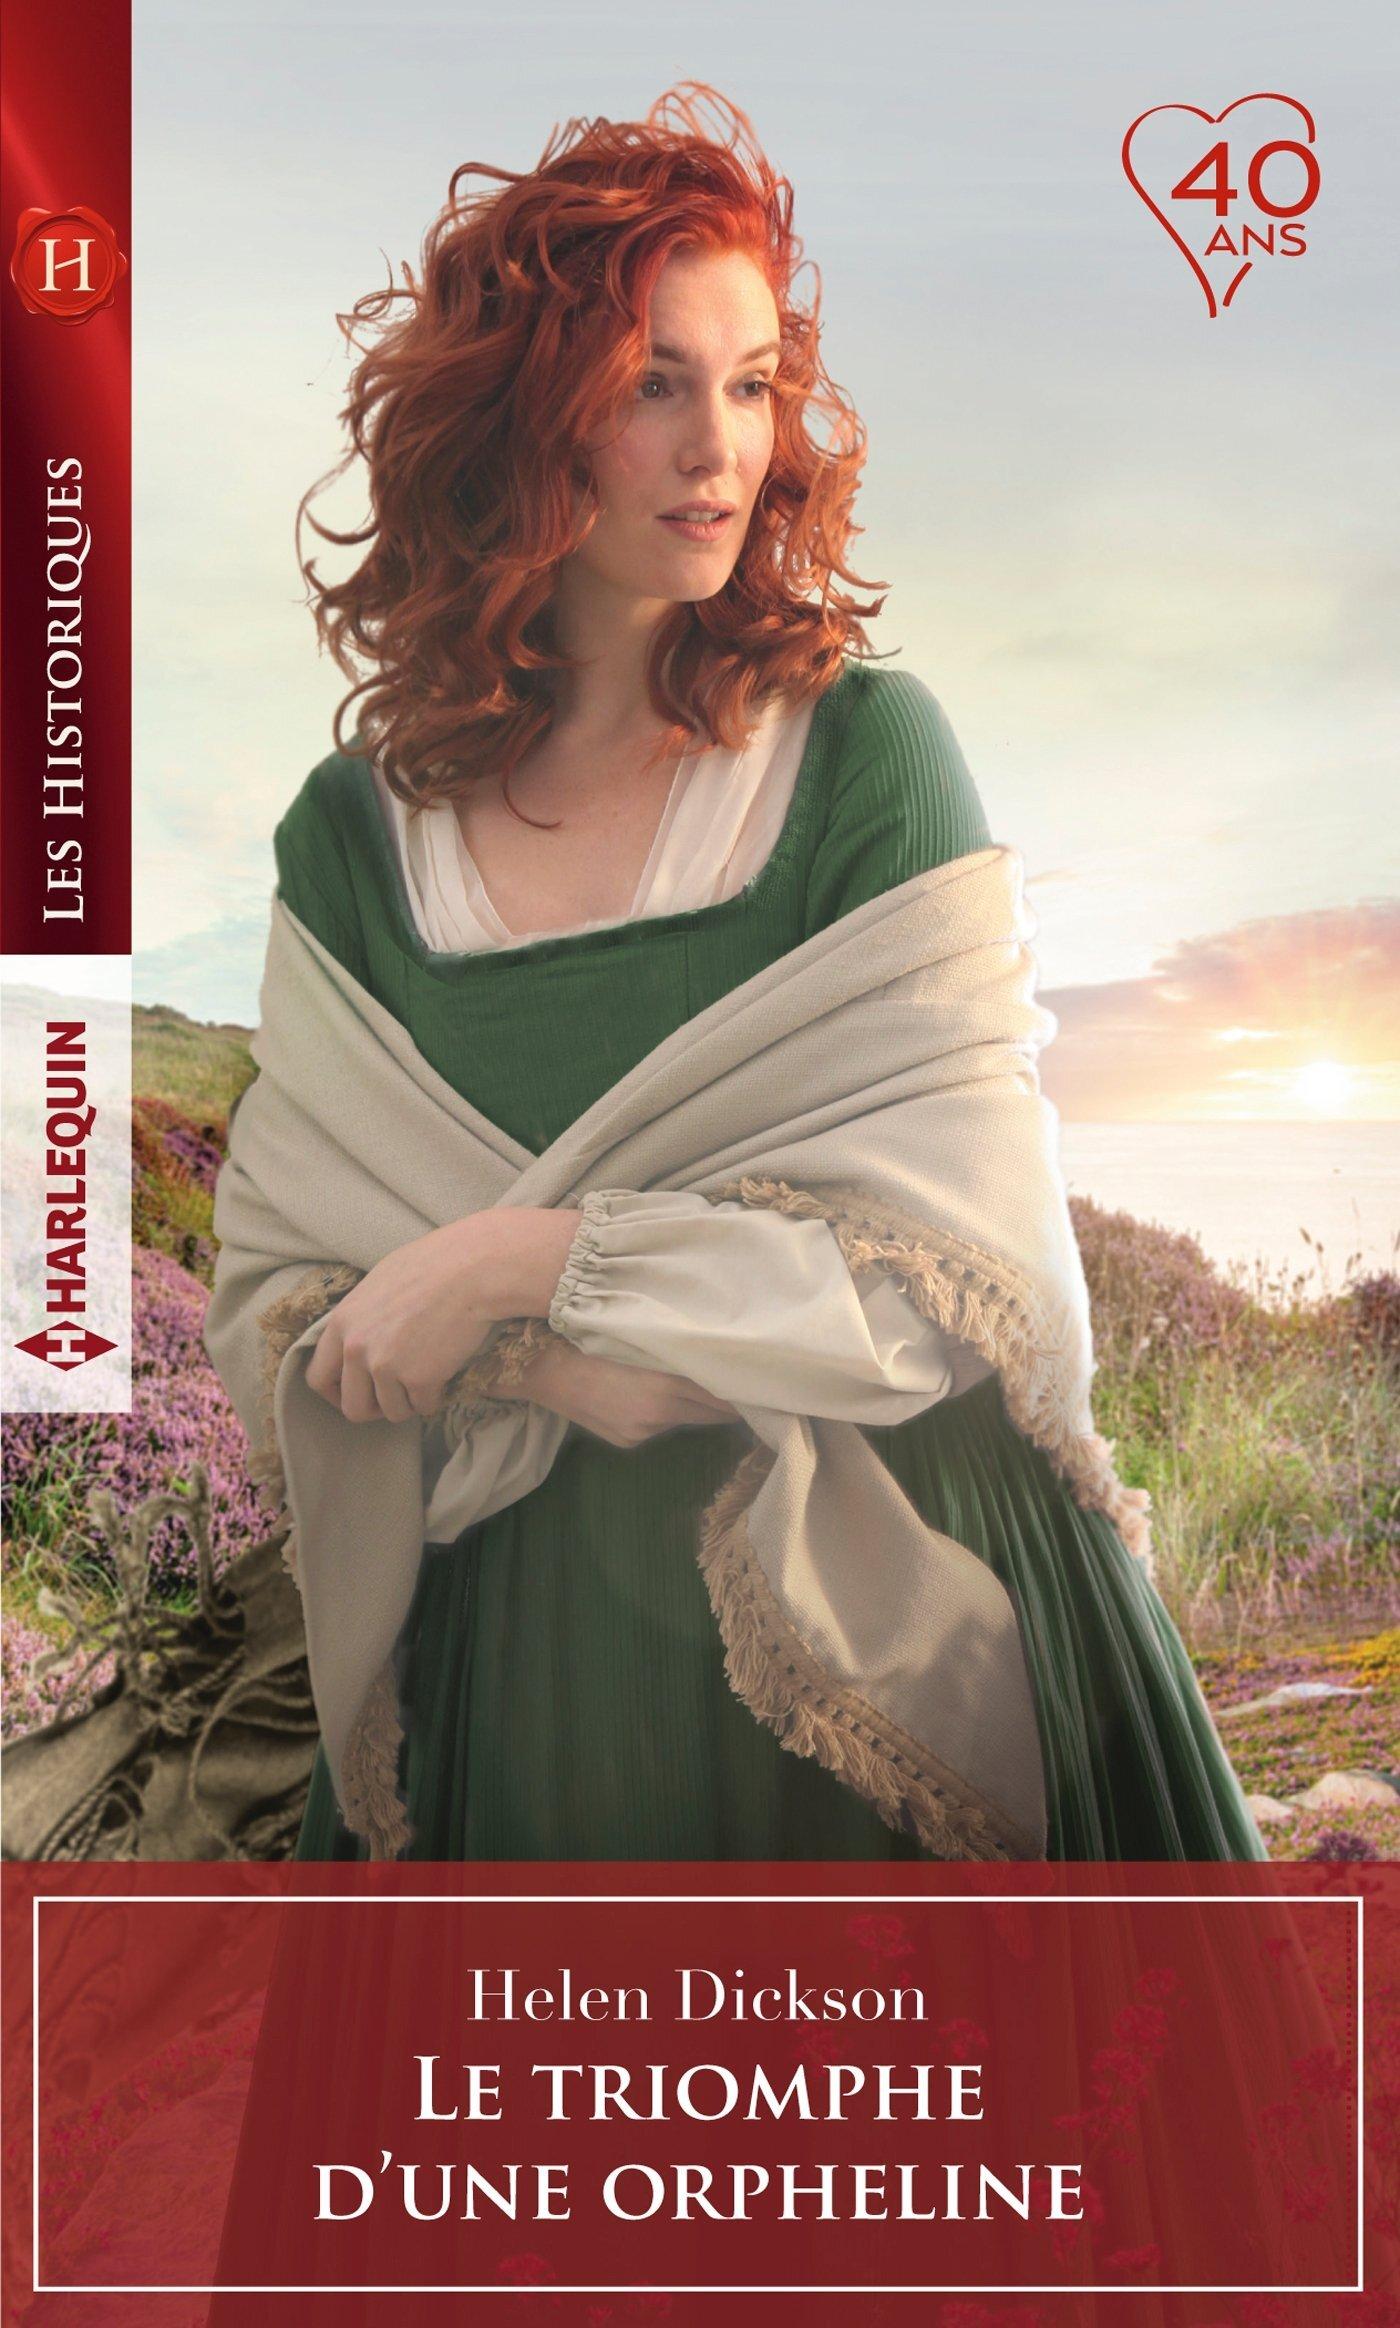 cdn1.booknode.com/book_cover/1109/full/le-triomphe-d-une-orpheline-1108667.jpg